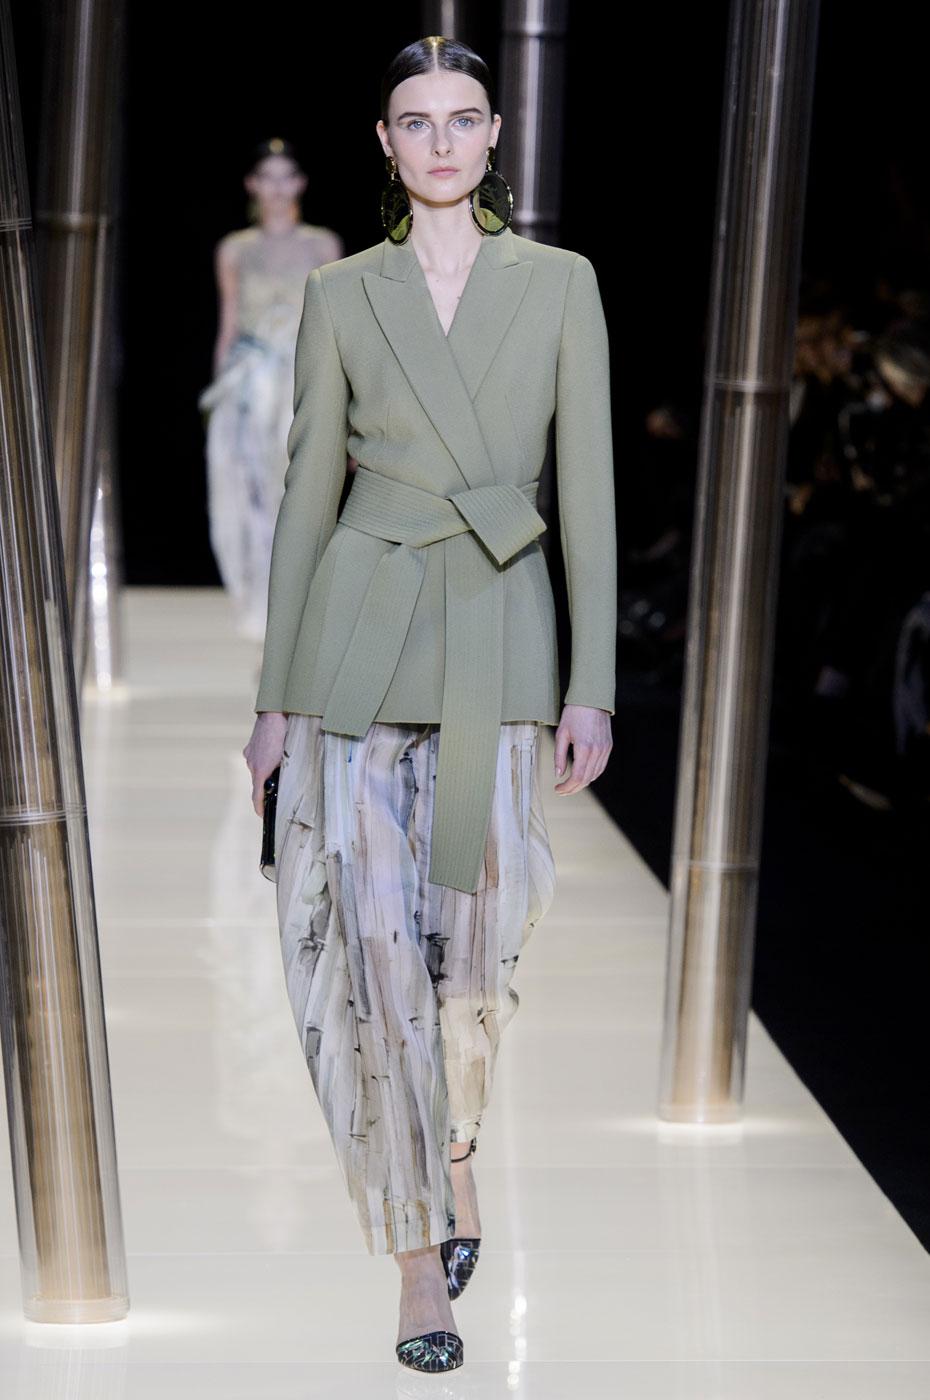 Giorgio-armani-Prive-fashion-runway-show-haute-couture-paris-spring-2015-the-impression-035